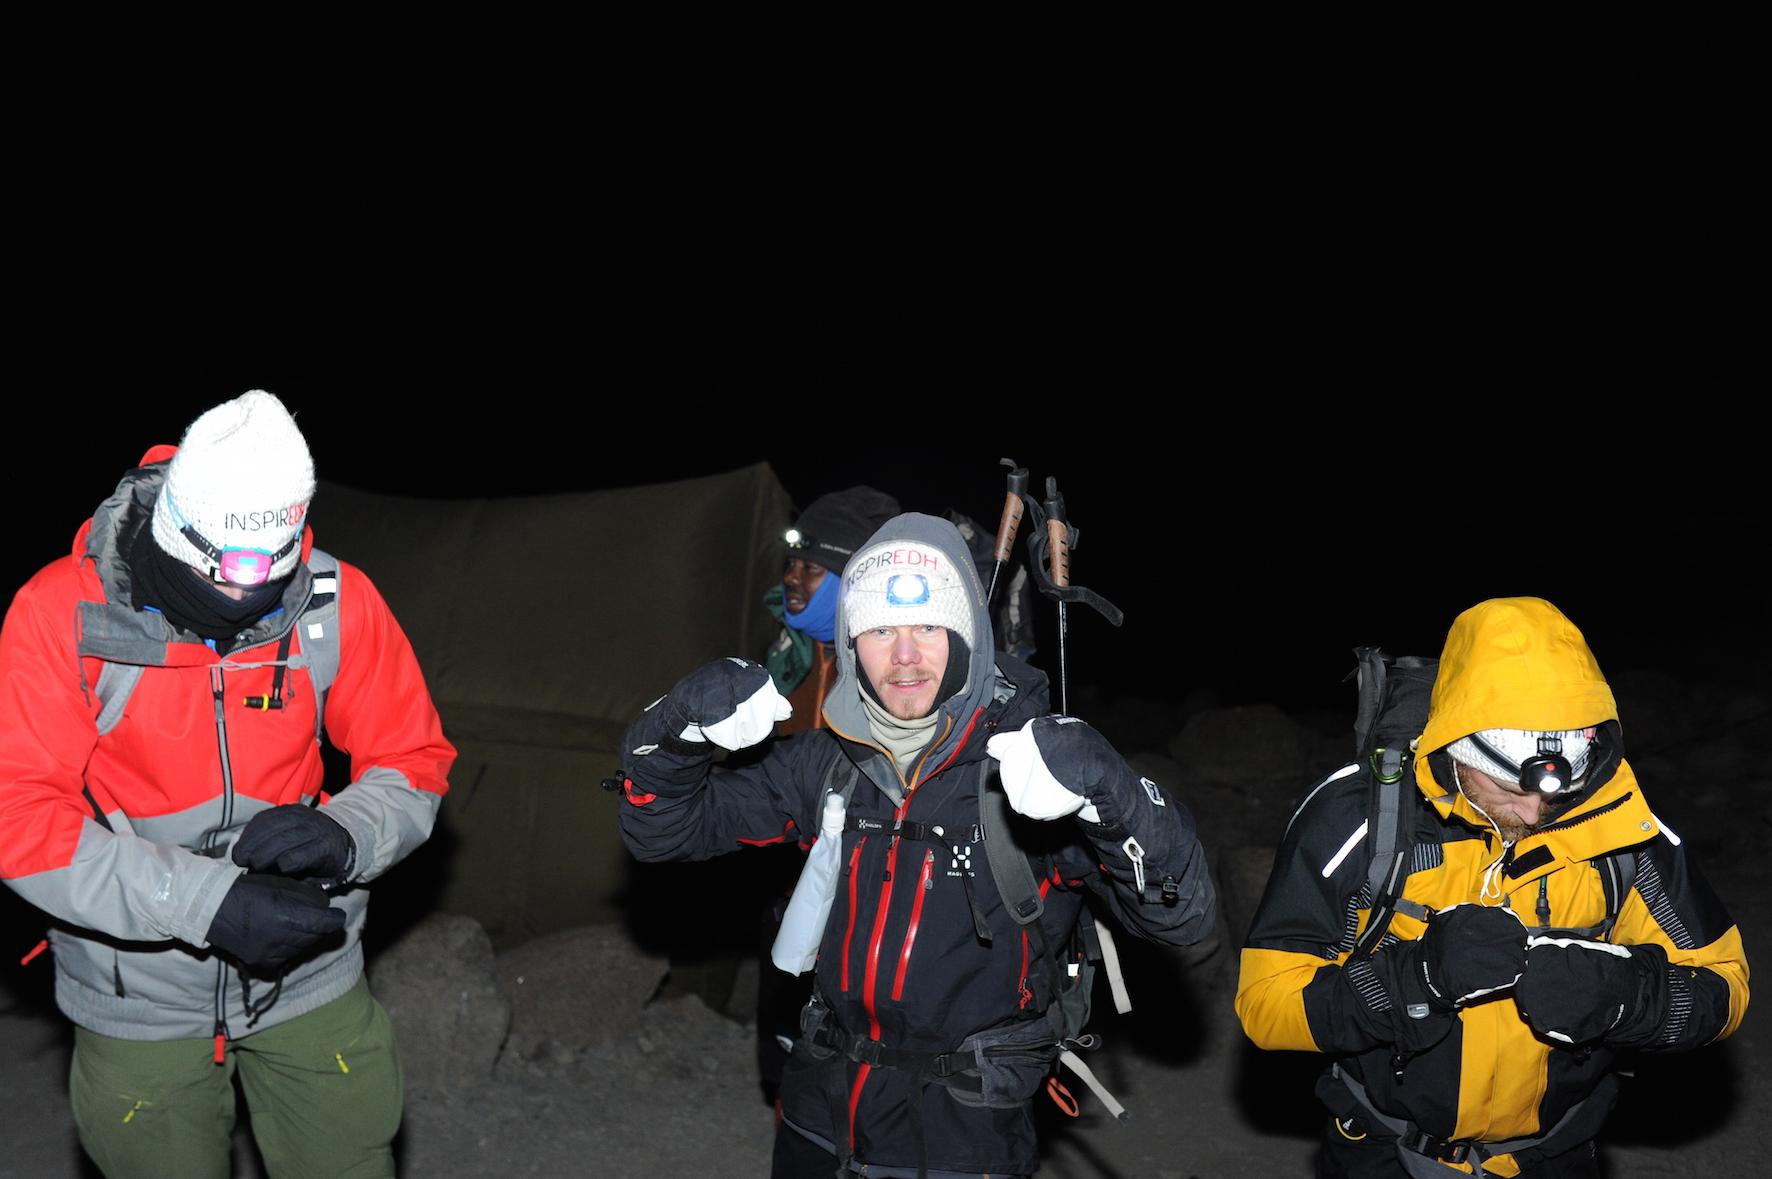 kilimanjaro-team-inspiredh-natt-vandring